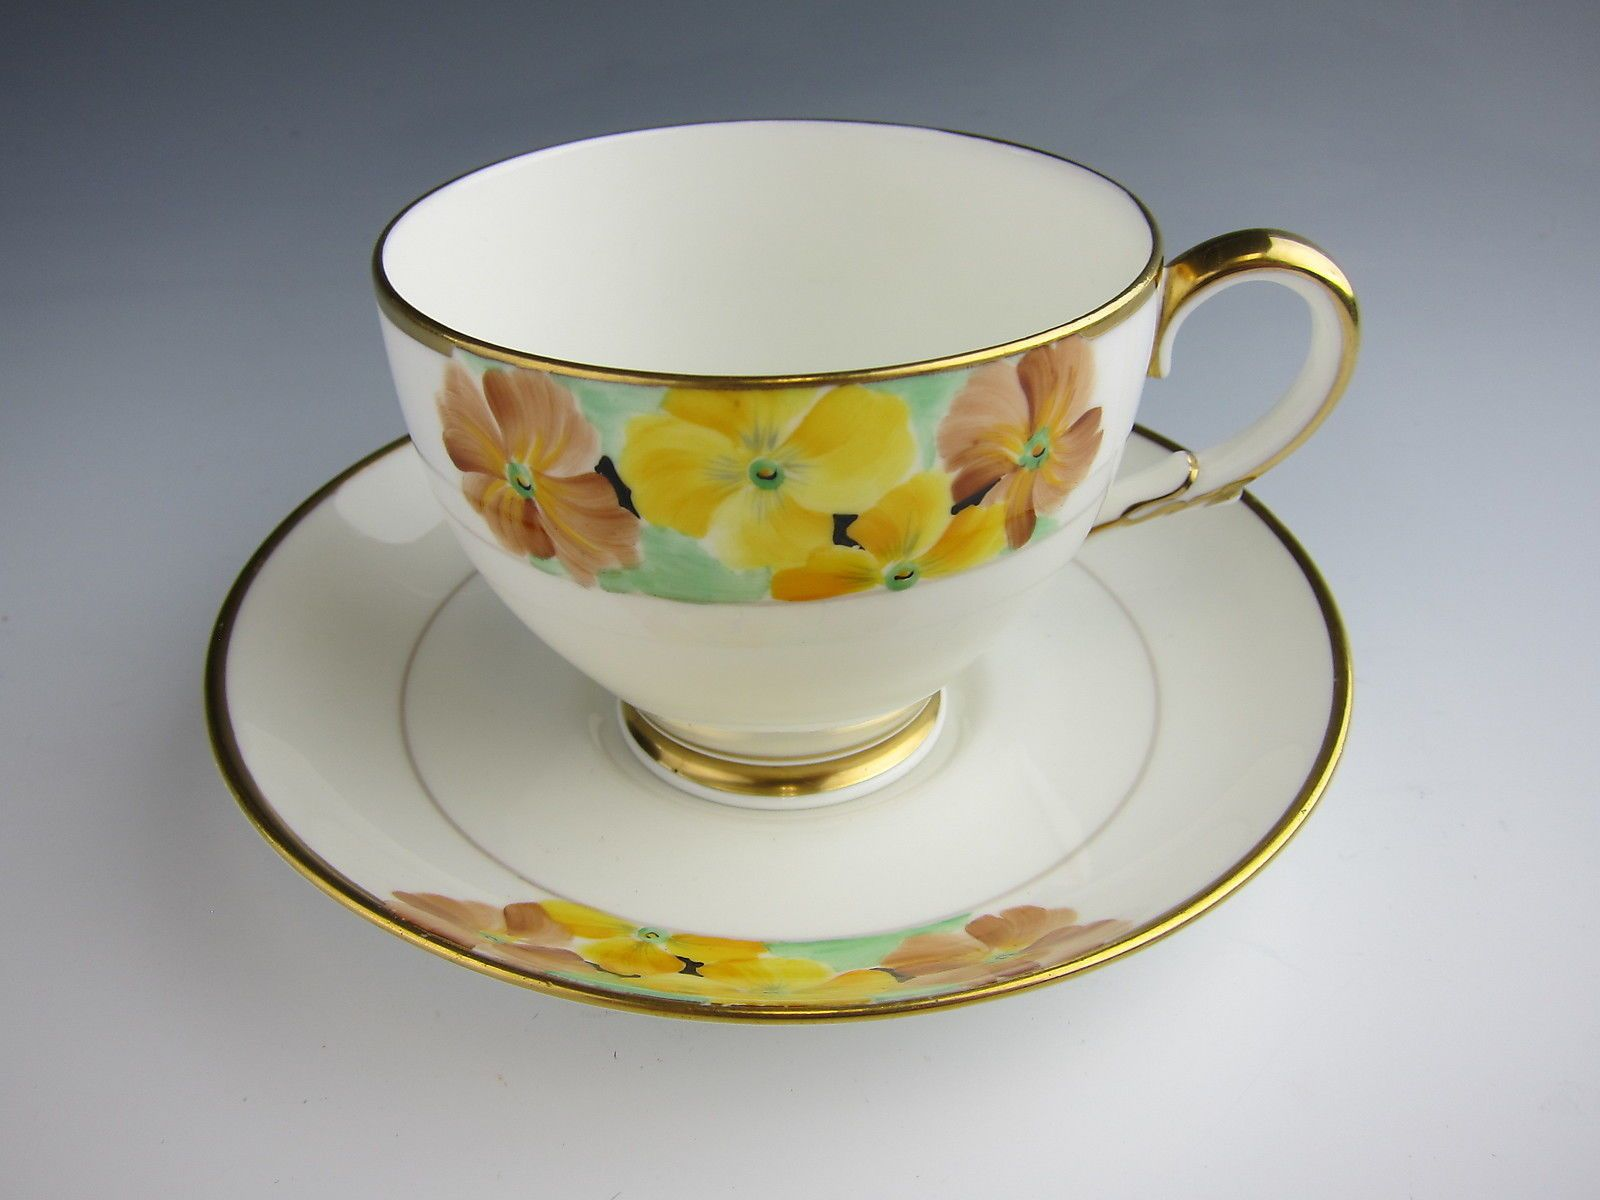 in Cerámica y vidrio, Cerámica y porcelana, Porcelana y cubiertos